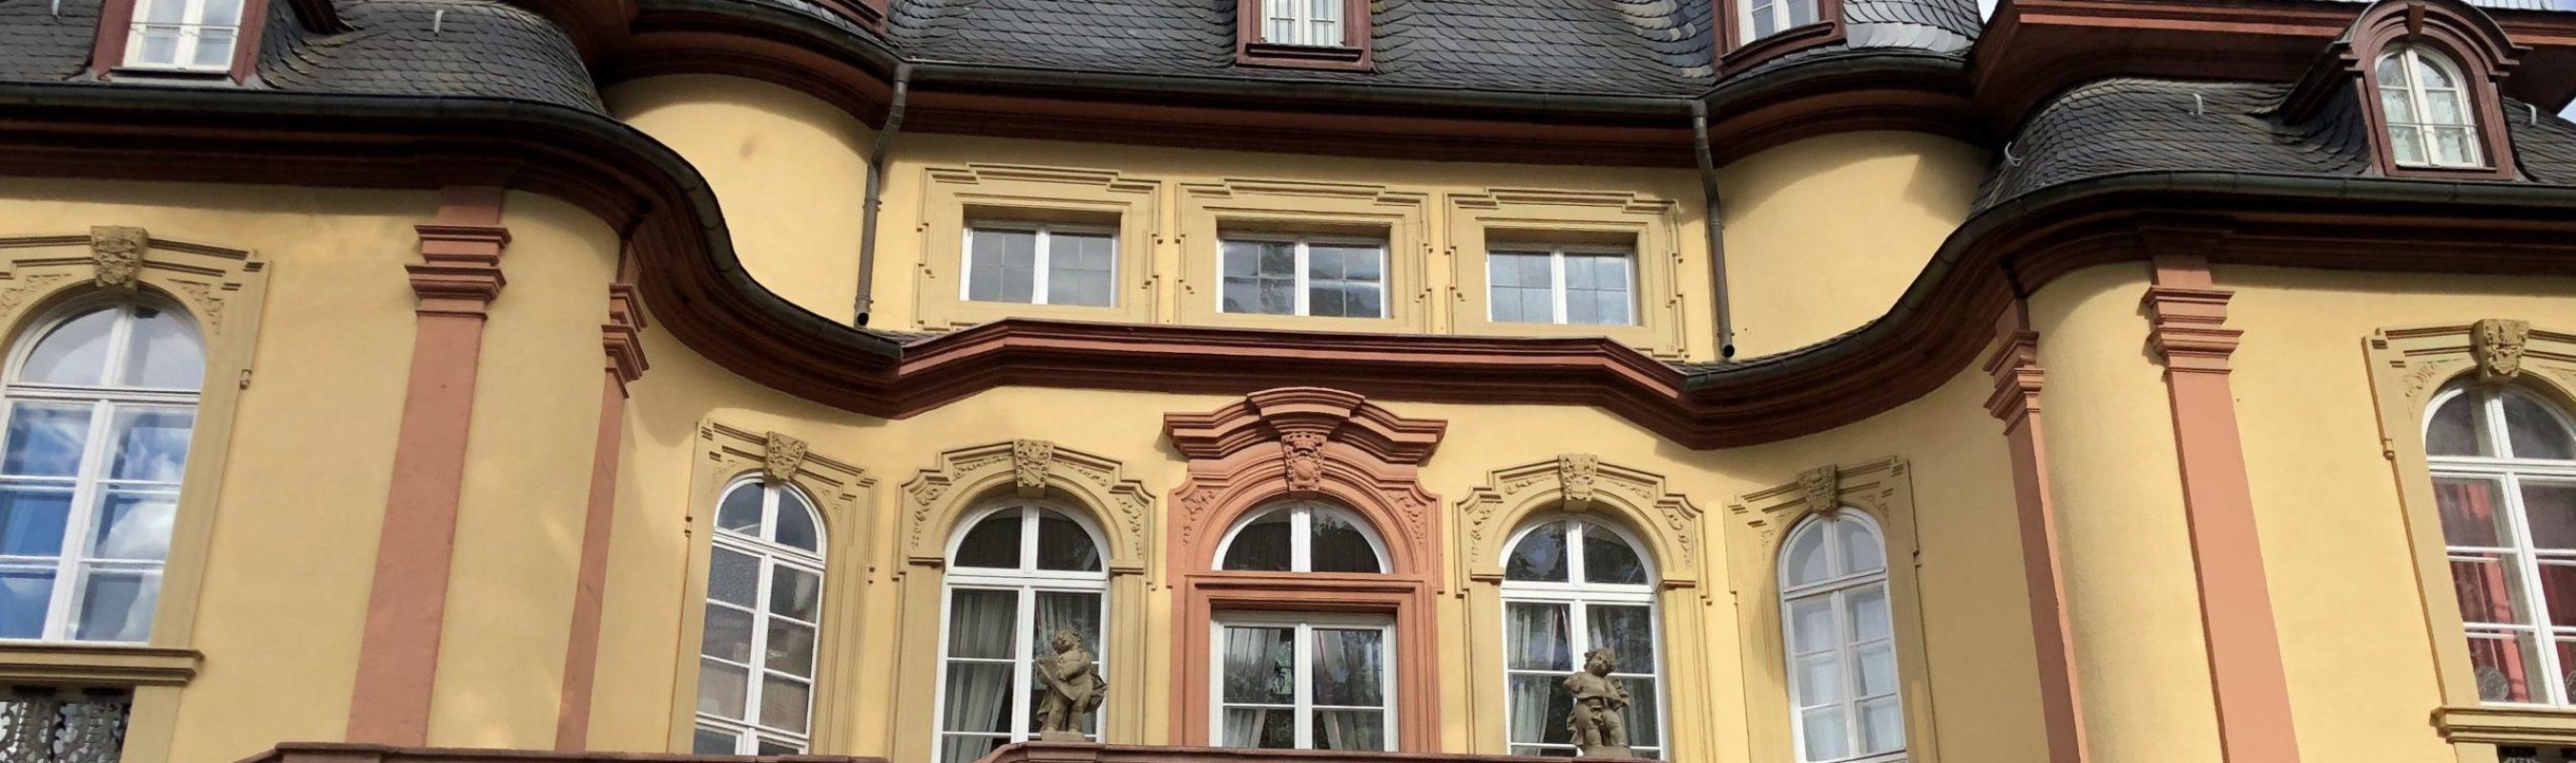 Huttenschlösschen Würzburg